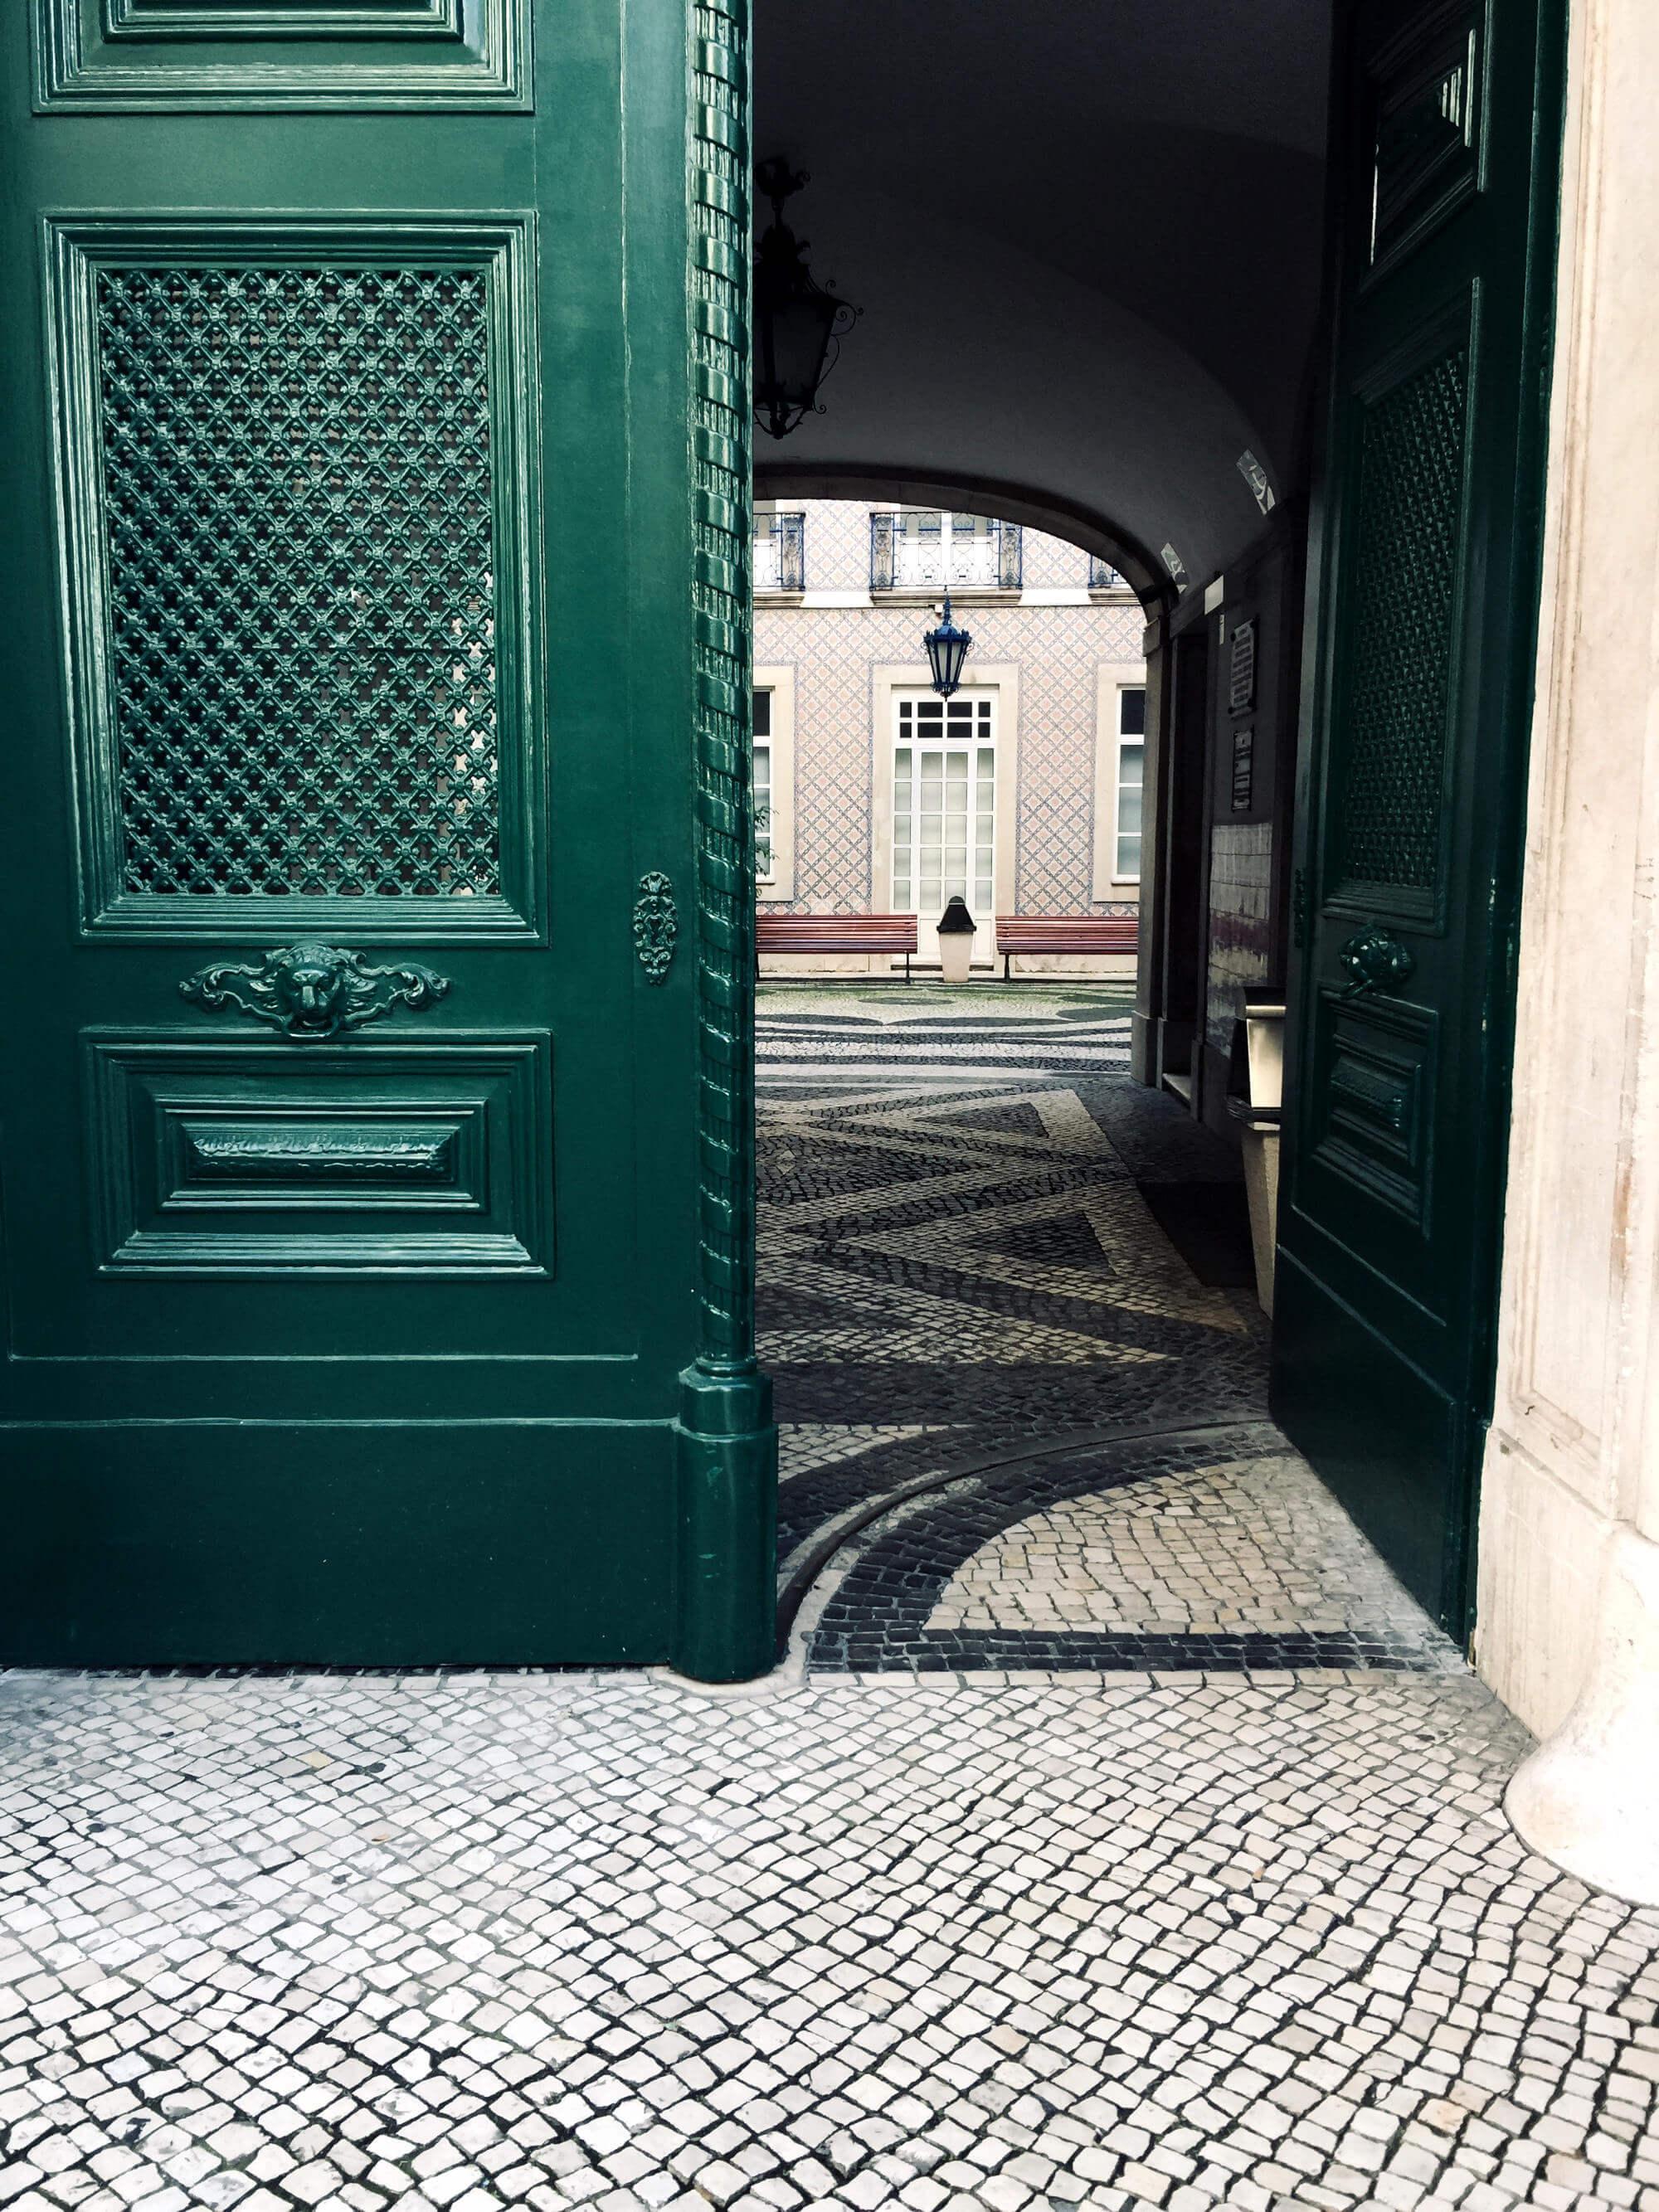 Blick auf Haustür und Innenhof in Lissabon